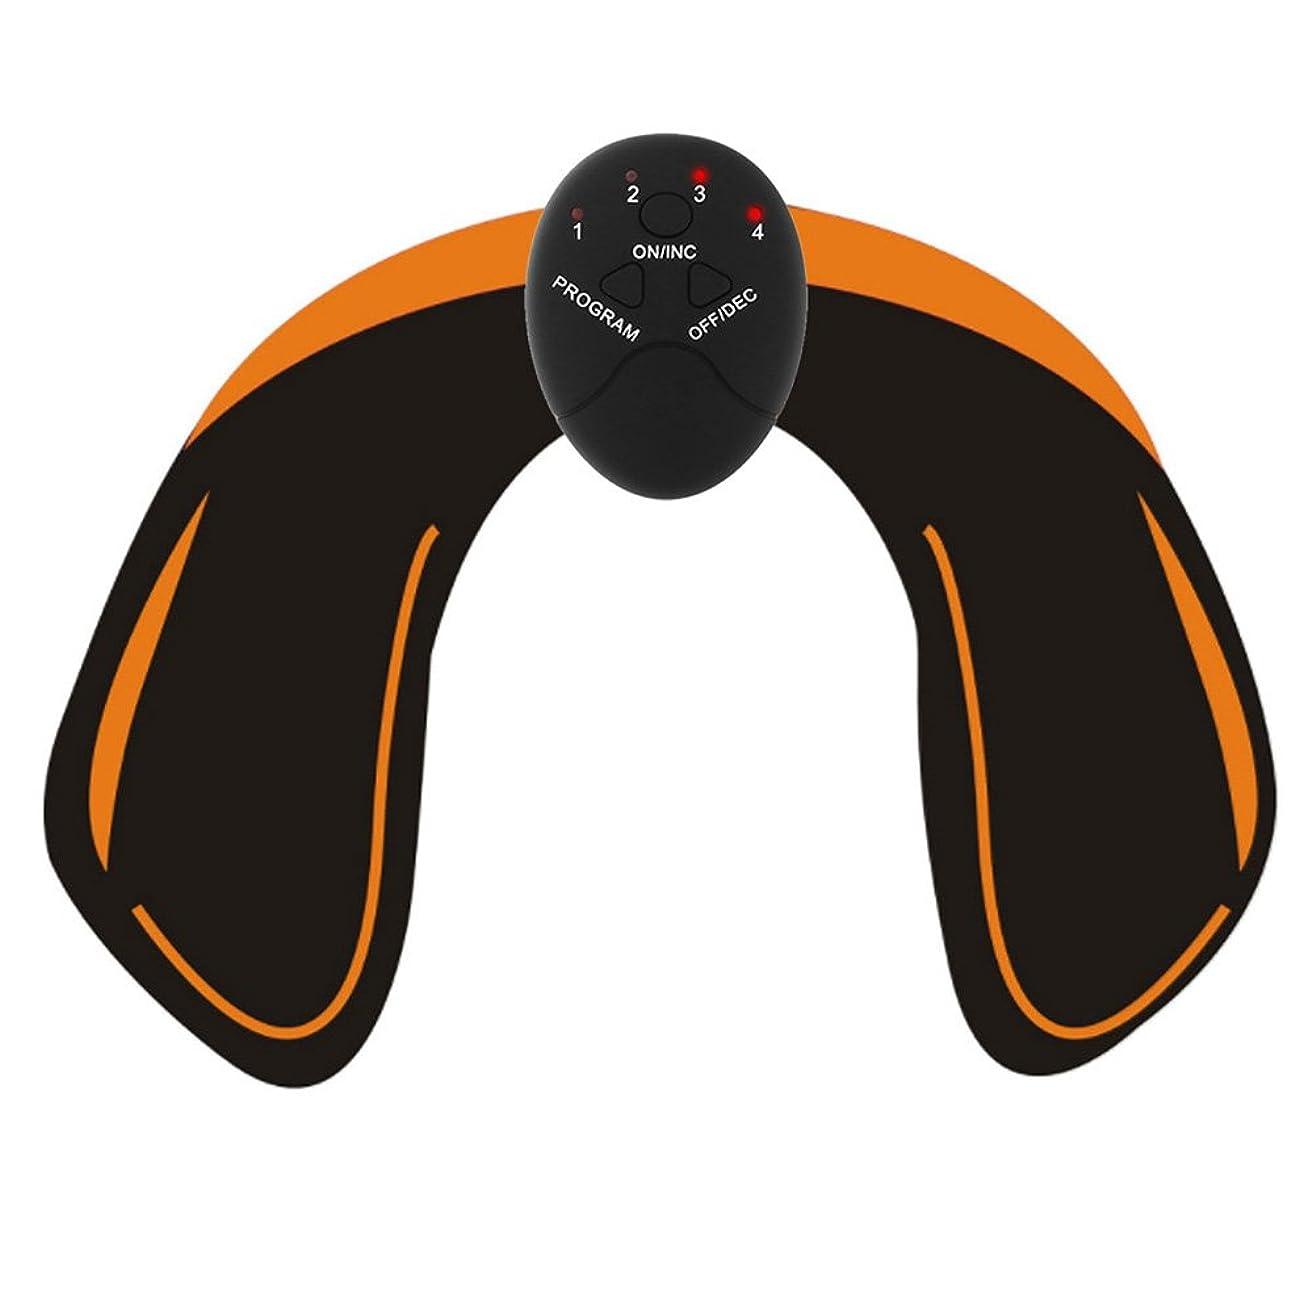 あらゆる種類のトレイ間接的Healifty EMS トレーニングパッド ヒップアップ お尻専用 多機能 筋トレ器具 ダイエット 筋肉振動 引き締める 強さ階段調節 男女兼用